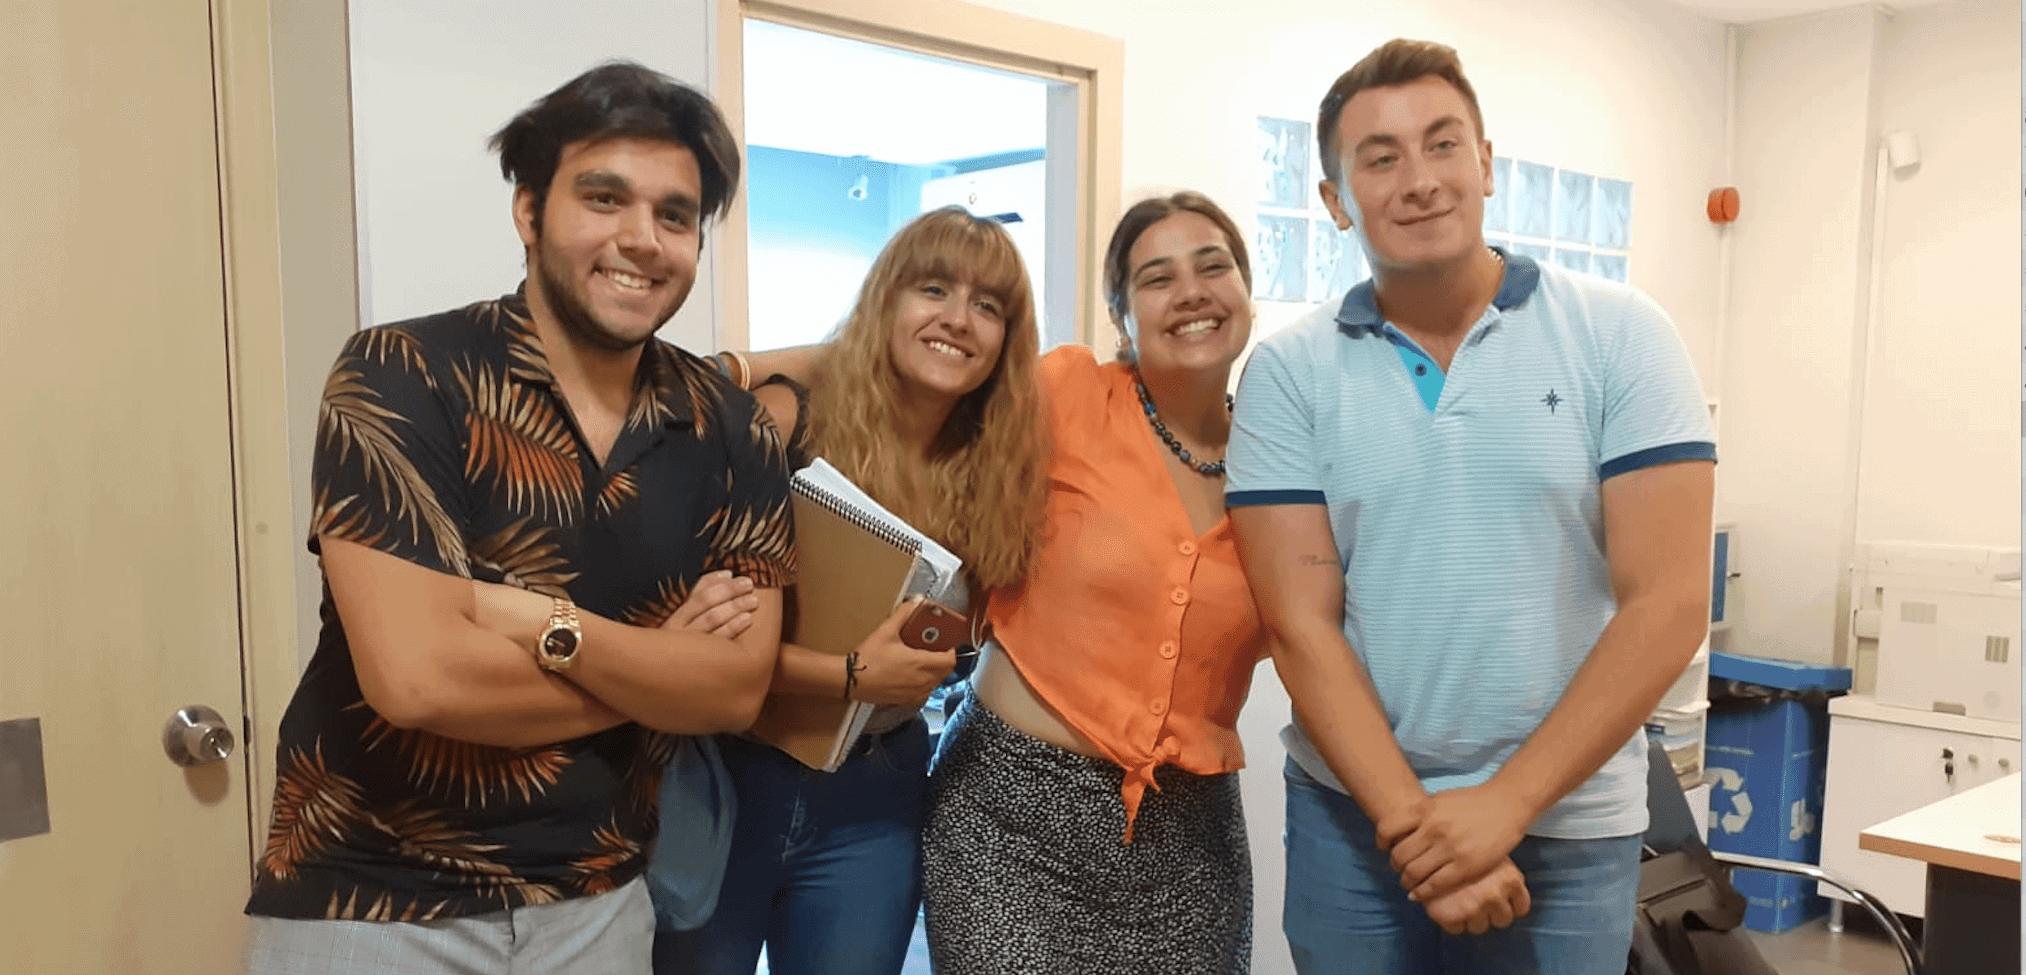 Boğaziçi Üniversitesi İngilizce Yeterlilik (BUEPT) Sınav Sonuçları ve Tavsiyeler